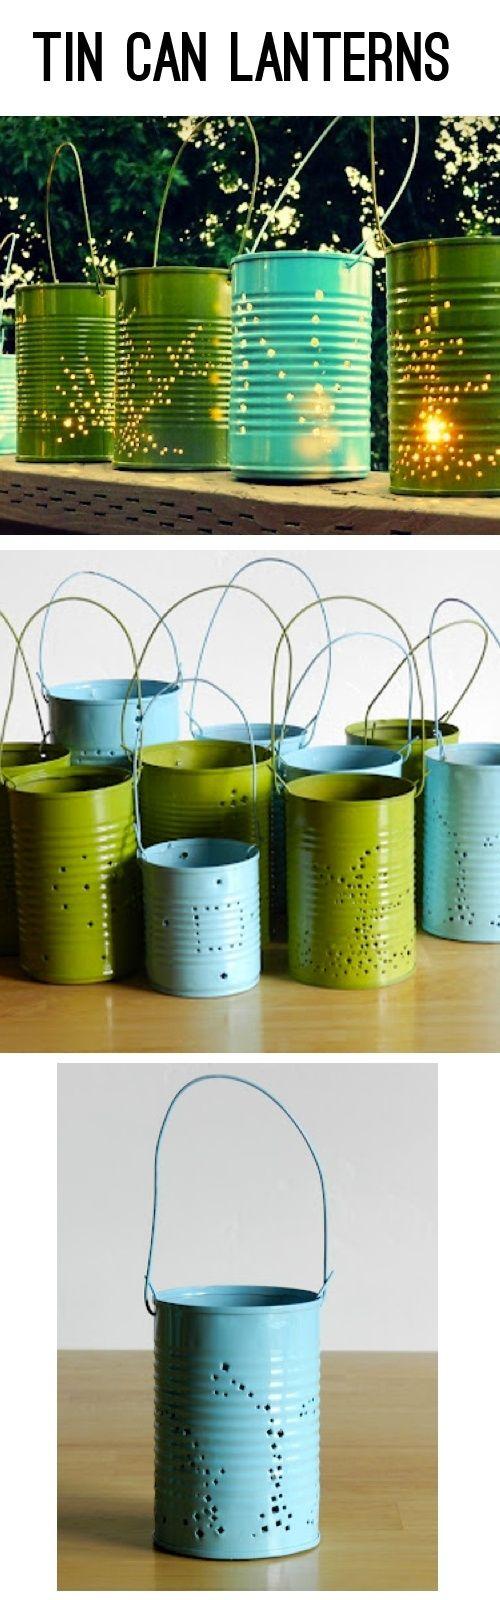 DIY Tin Can Lanterns | DiyReal.com